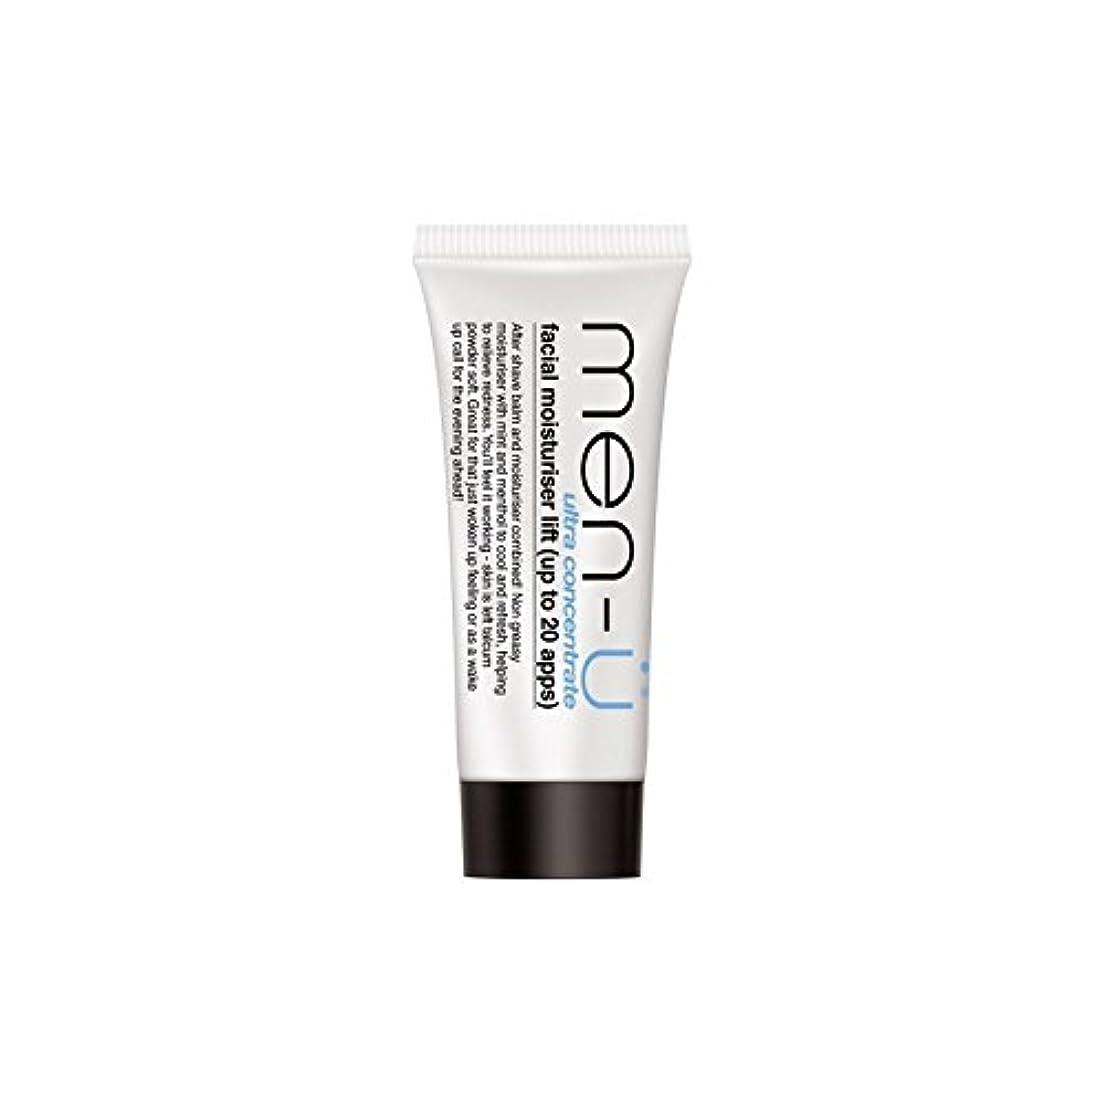 視線アラブサラボレンダーMen-? Buddy Facial Moisturiser Lift Tube (15ml) - 男性-のバディ顔の保湿剤のリフトチューブ(15ミリリットル) [並行輸入品]